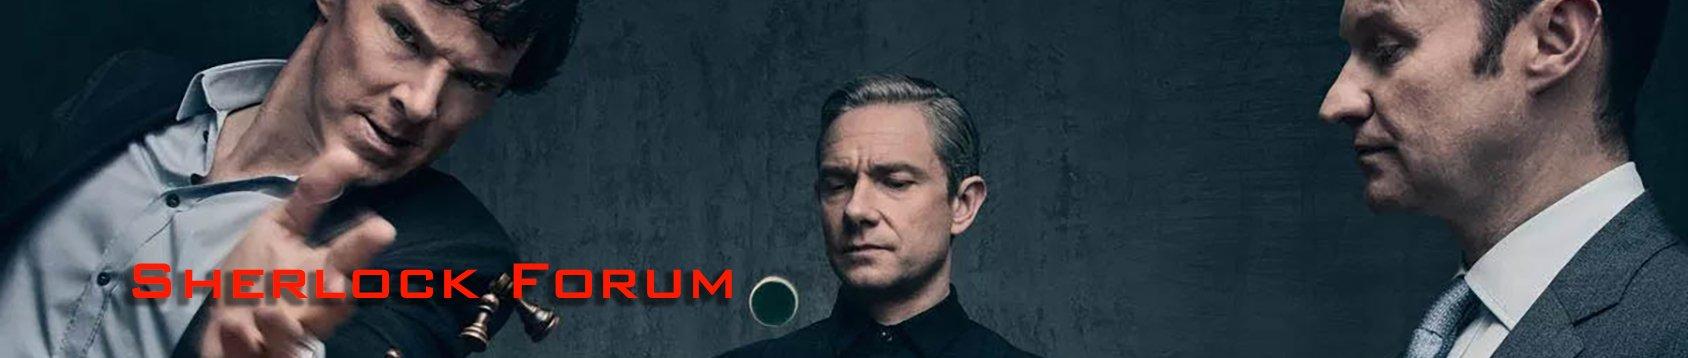 Sherlock Forum